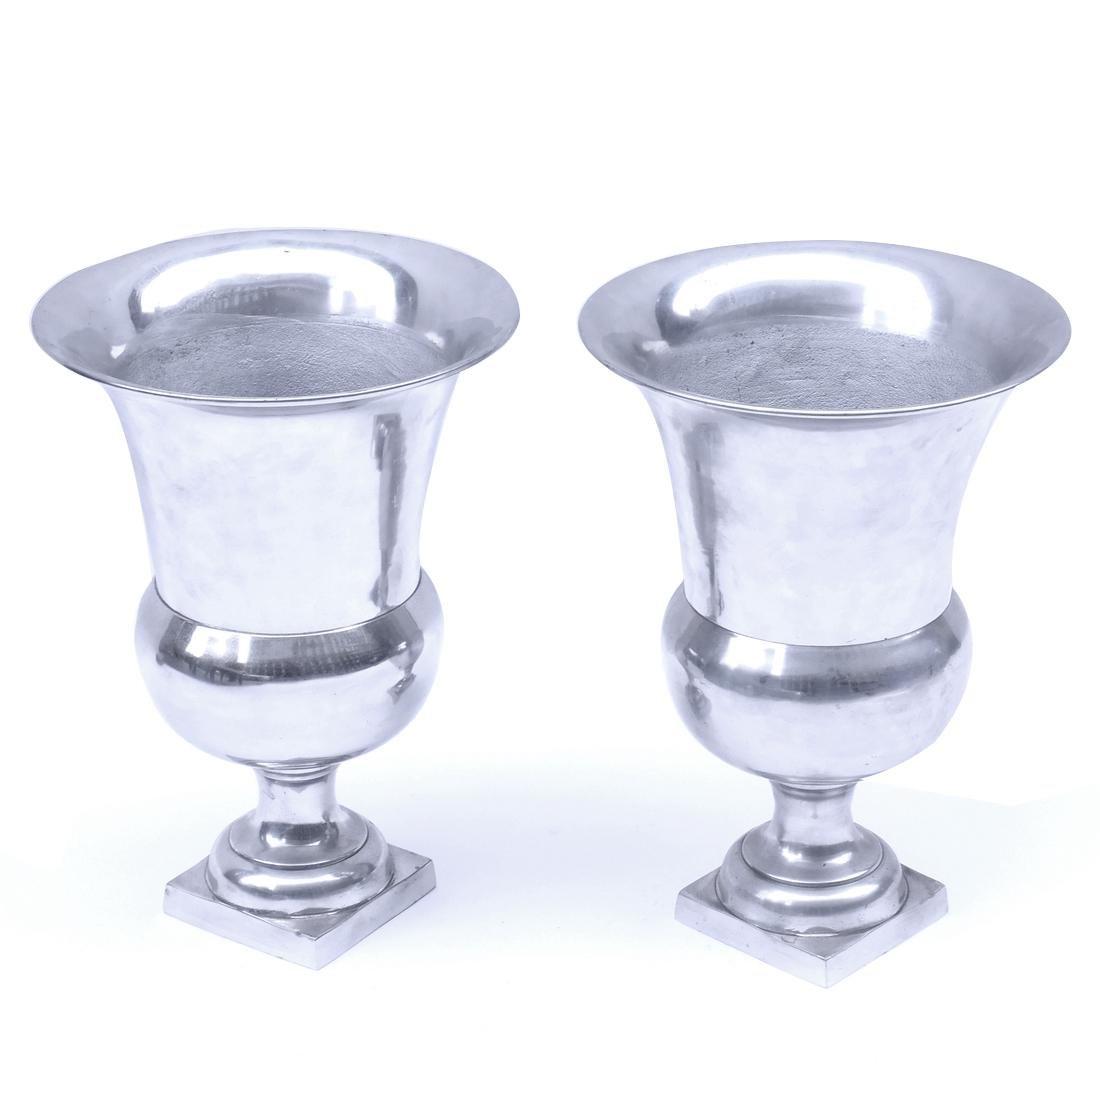 Pair of Aluminum Urns